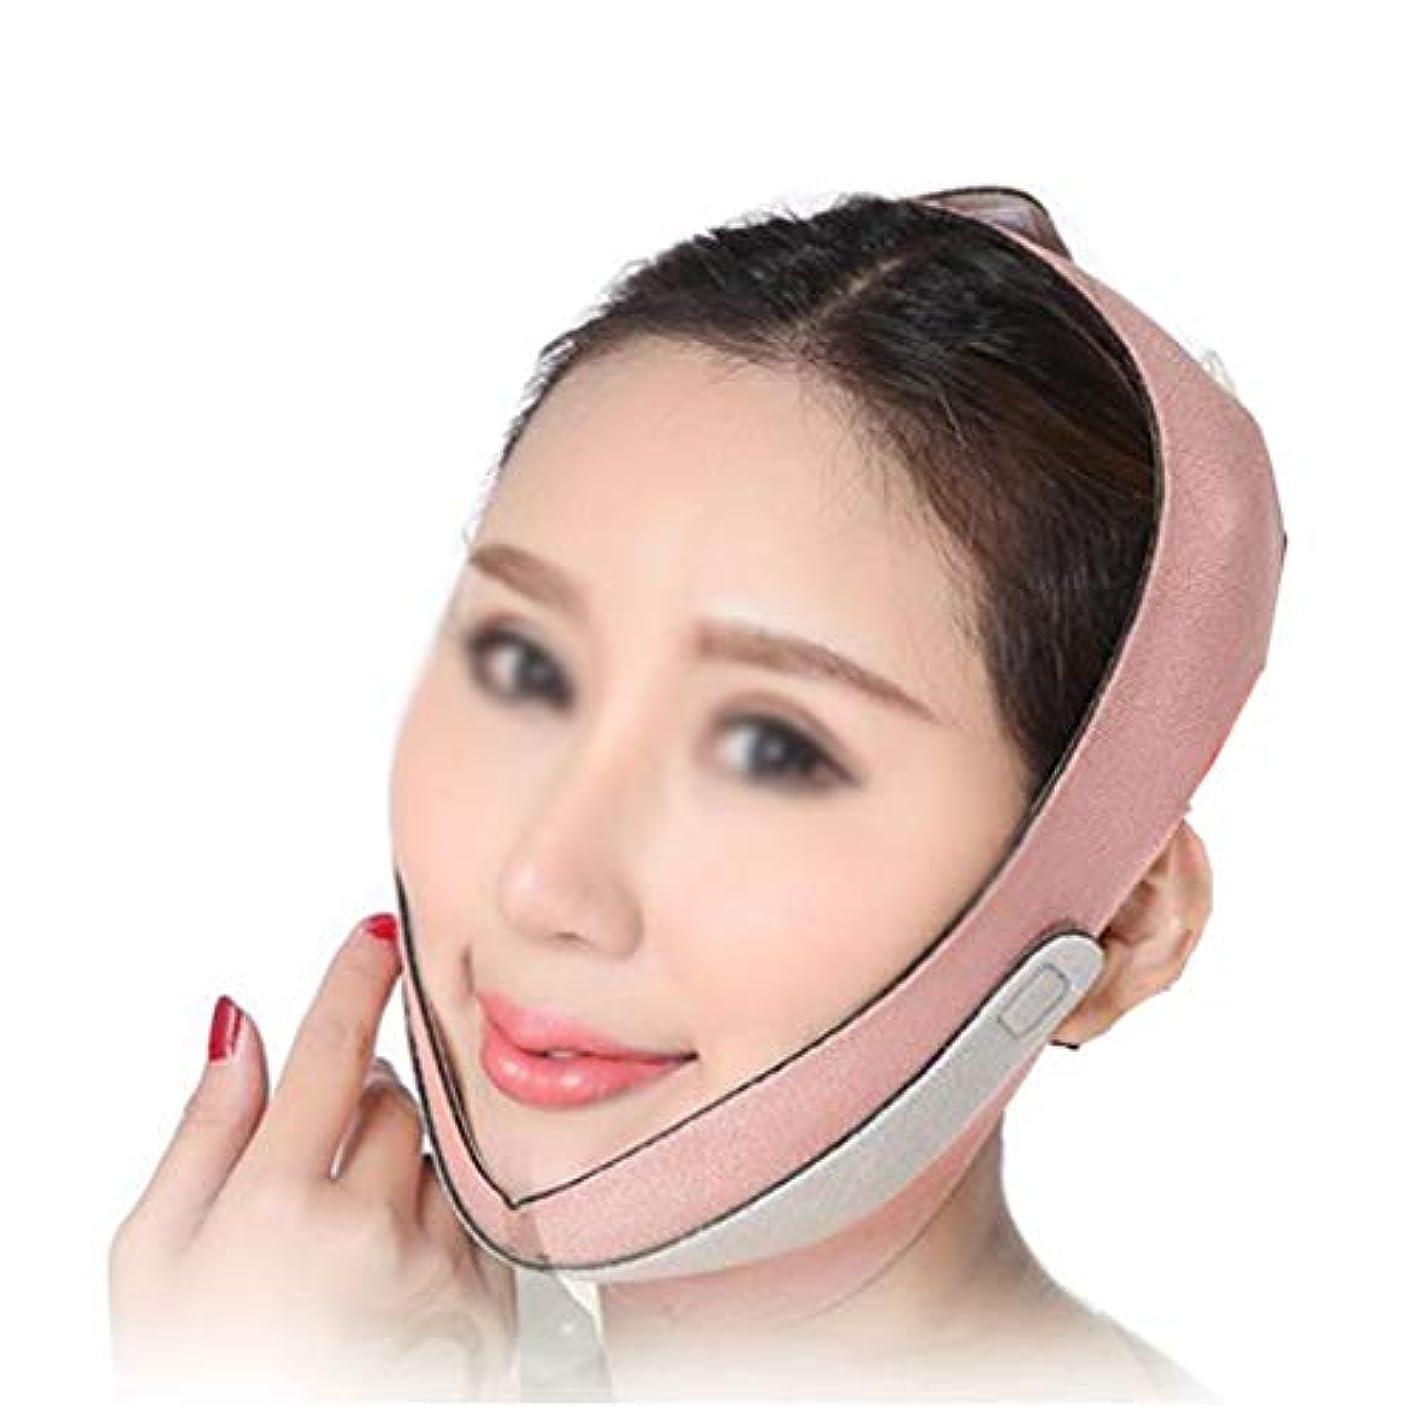 練習したストレージクレタZWBD フェイスマスク, フェイスリフティングマスクフェイスリフティングツールを備えたVフェイスの薄い顔3Dフェイスリフティングフェイスリフティング包帯フェイスリフティングデバイスフェイスリフティングマシン